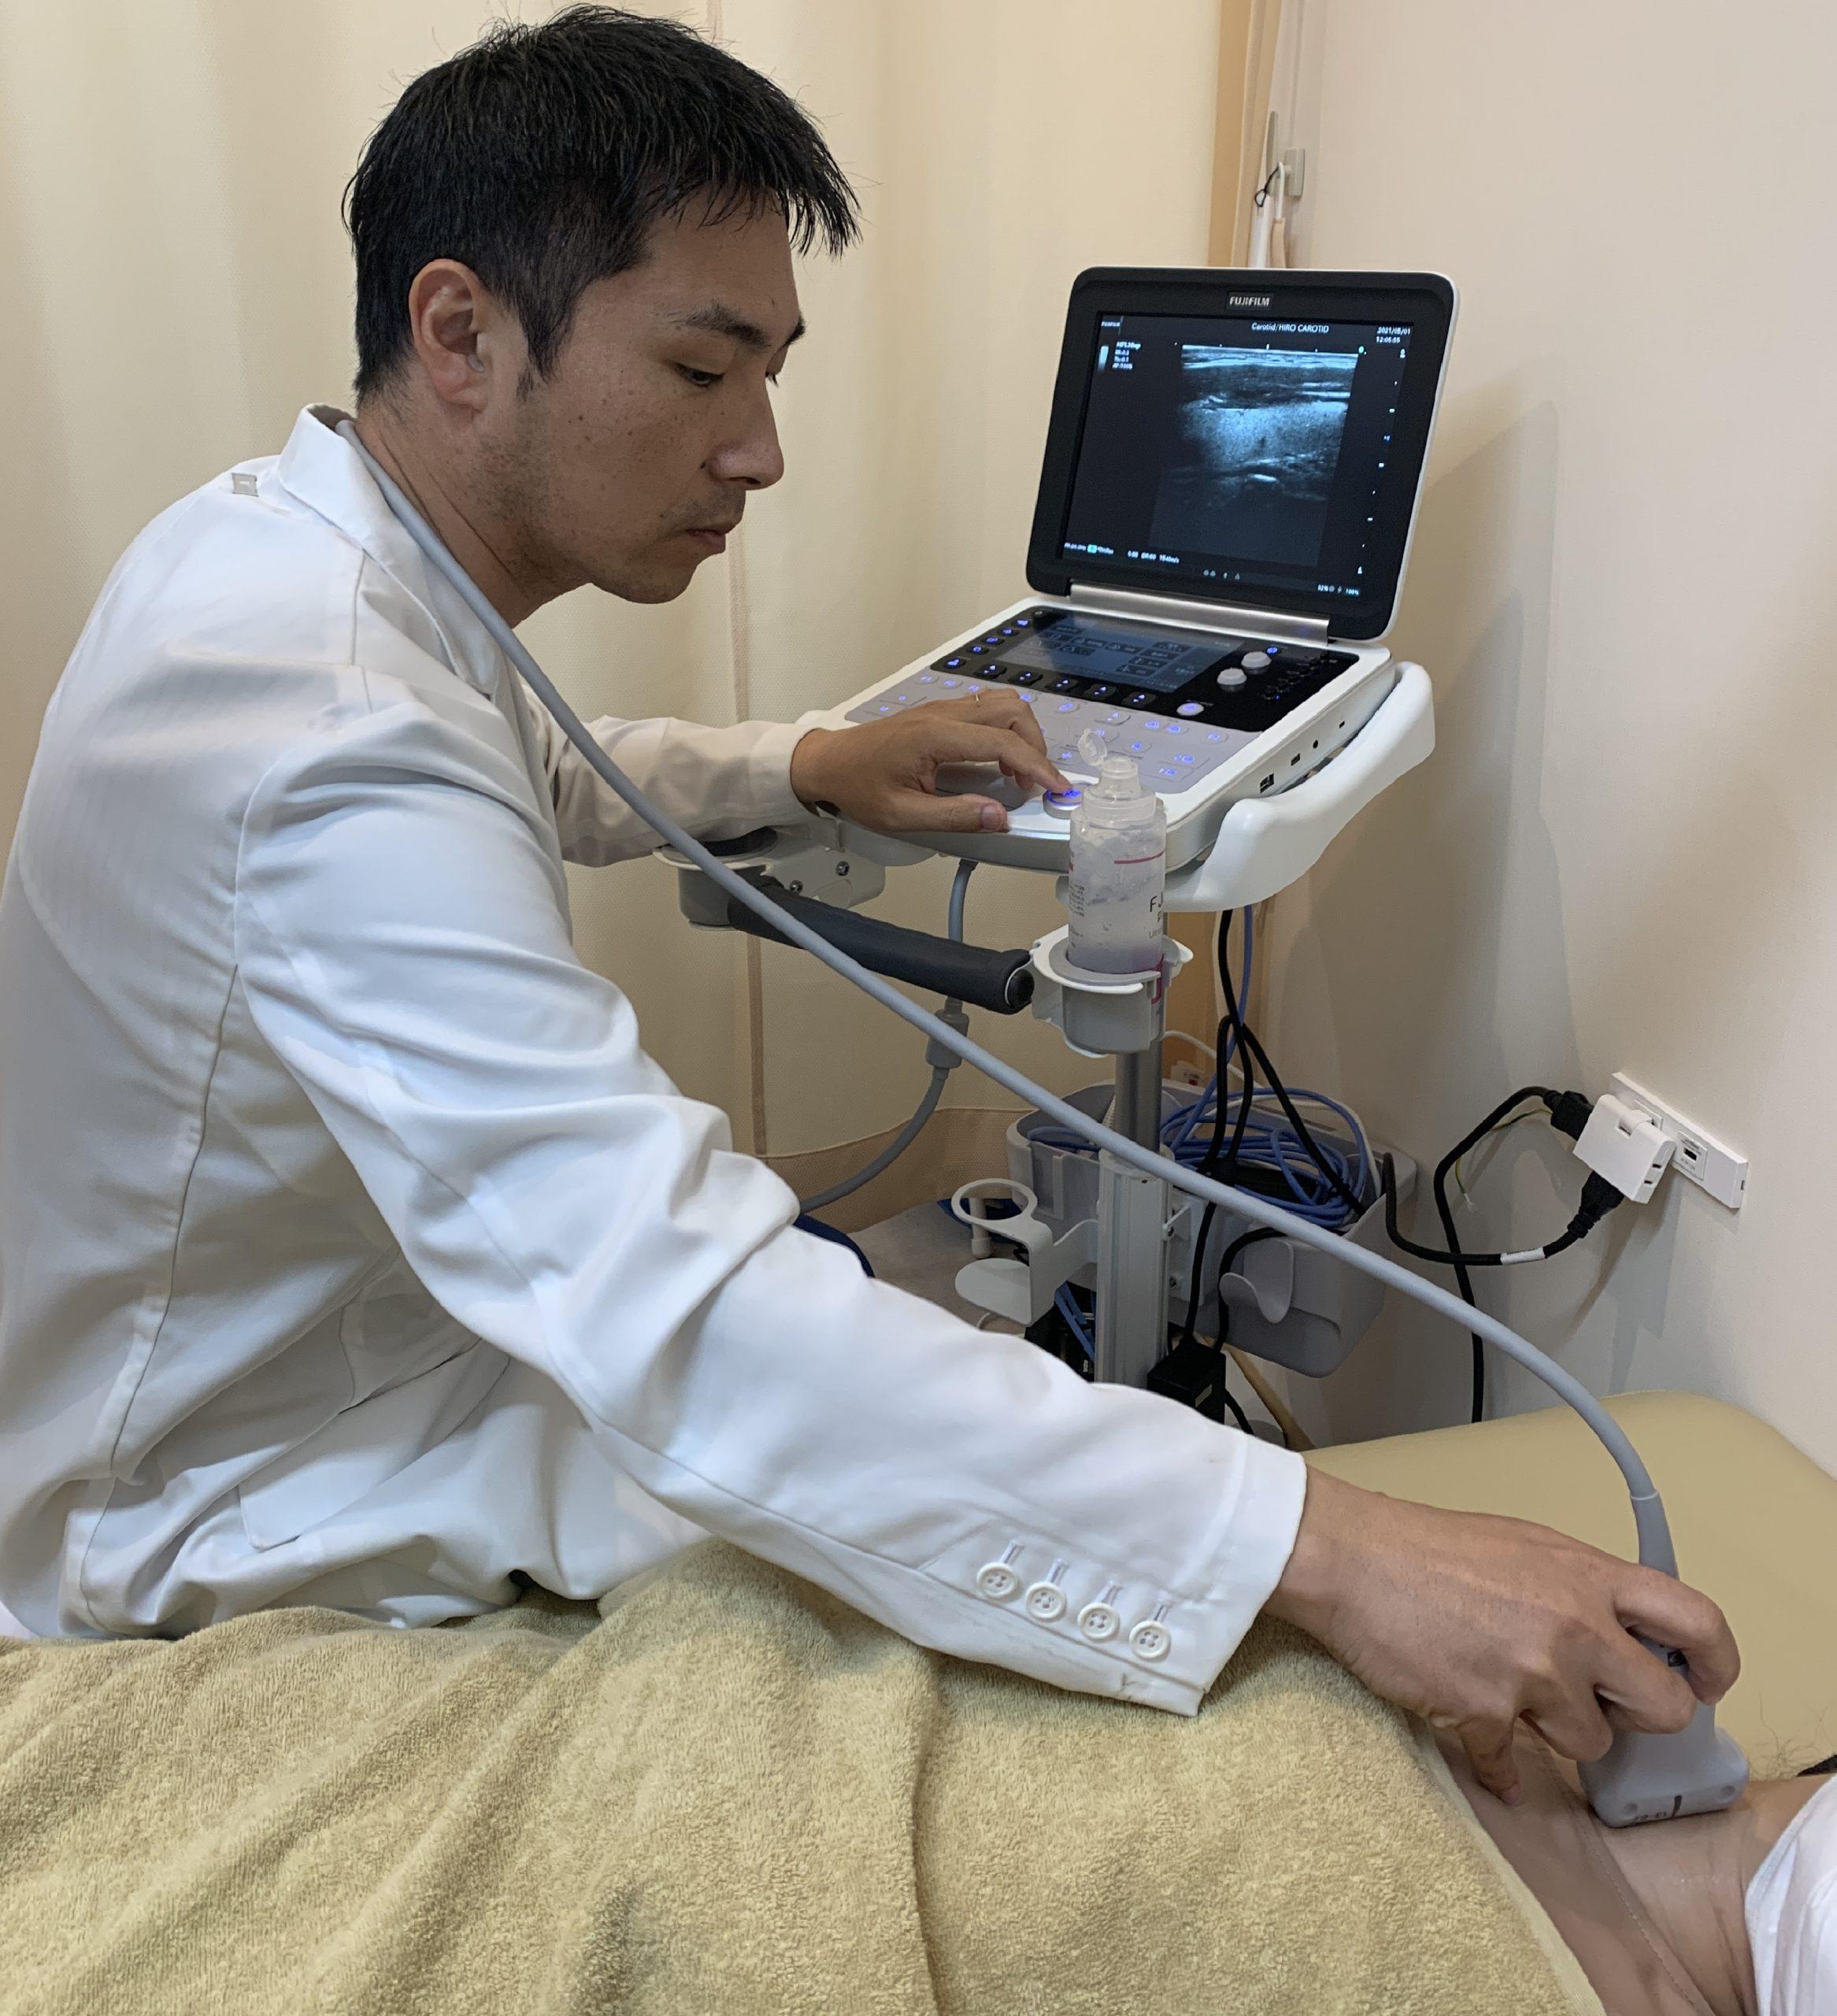 内分泌代謝科専門医・指導医による甲状腺、内分泌疾患の的確な診断・治療